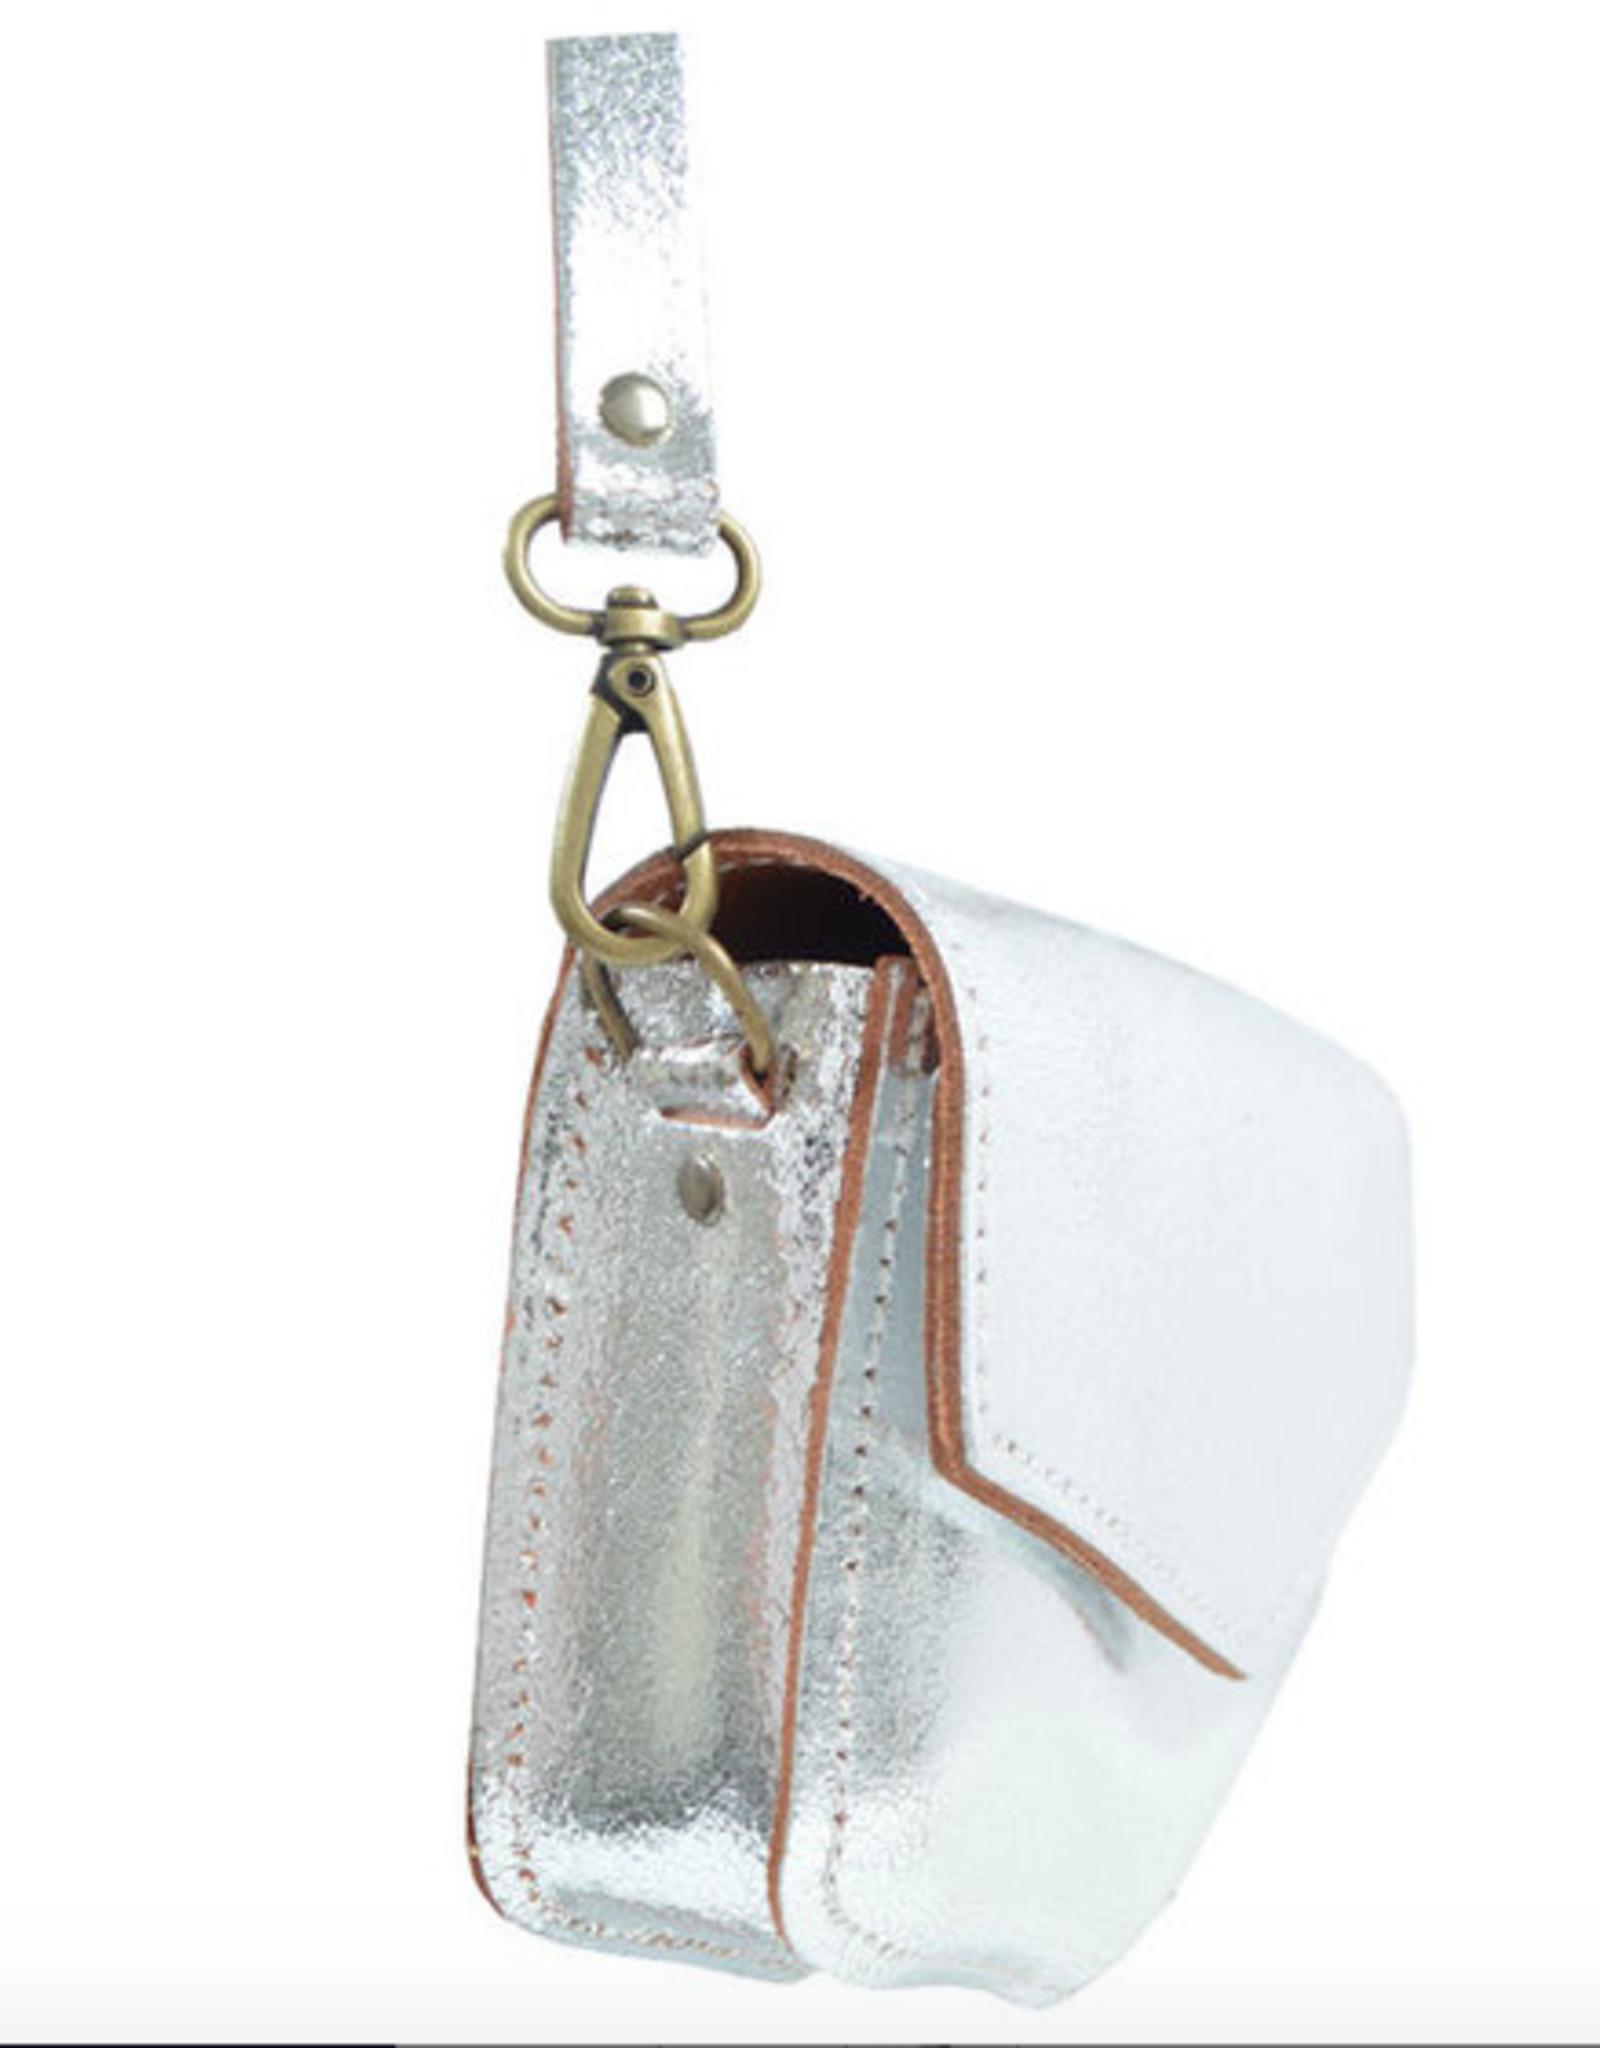 Elvy Elvy Bag Kelly Metallic KM Silver